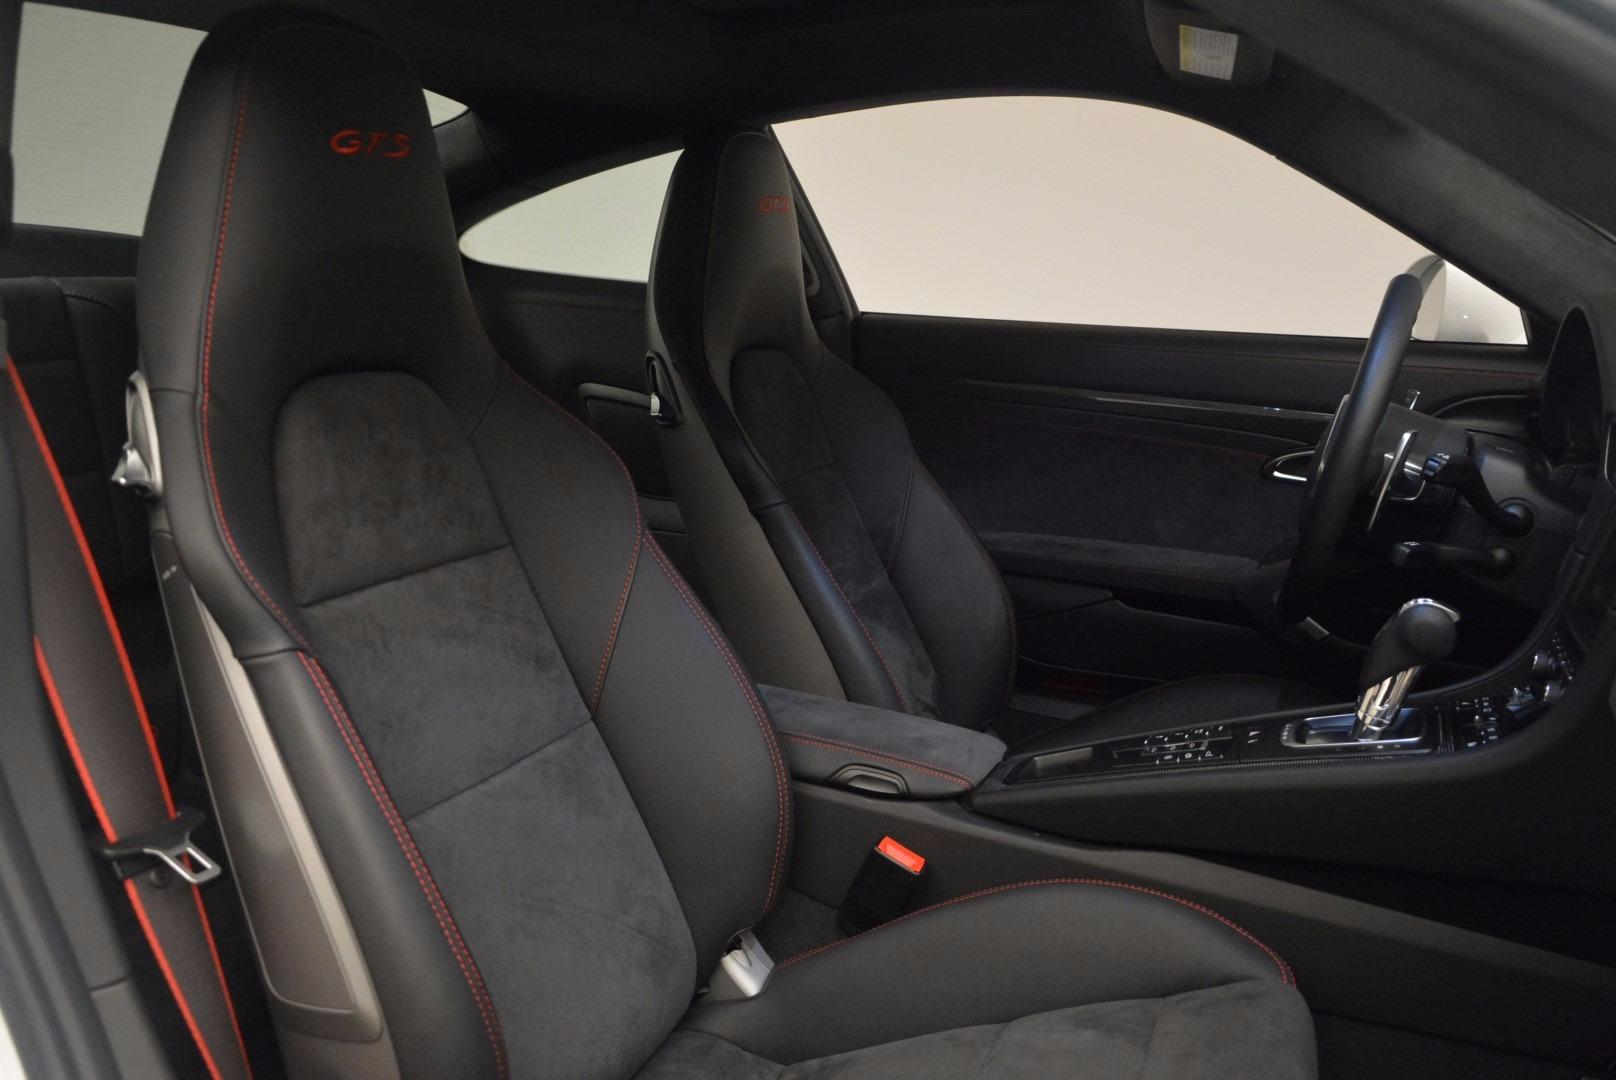 Used 2015 Porsche 911 Carrera GTS For Sale In Westport, CT 1444_p19